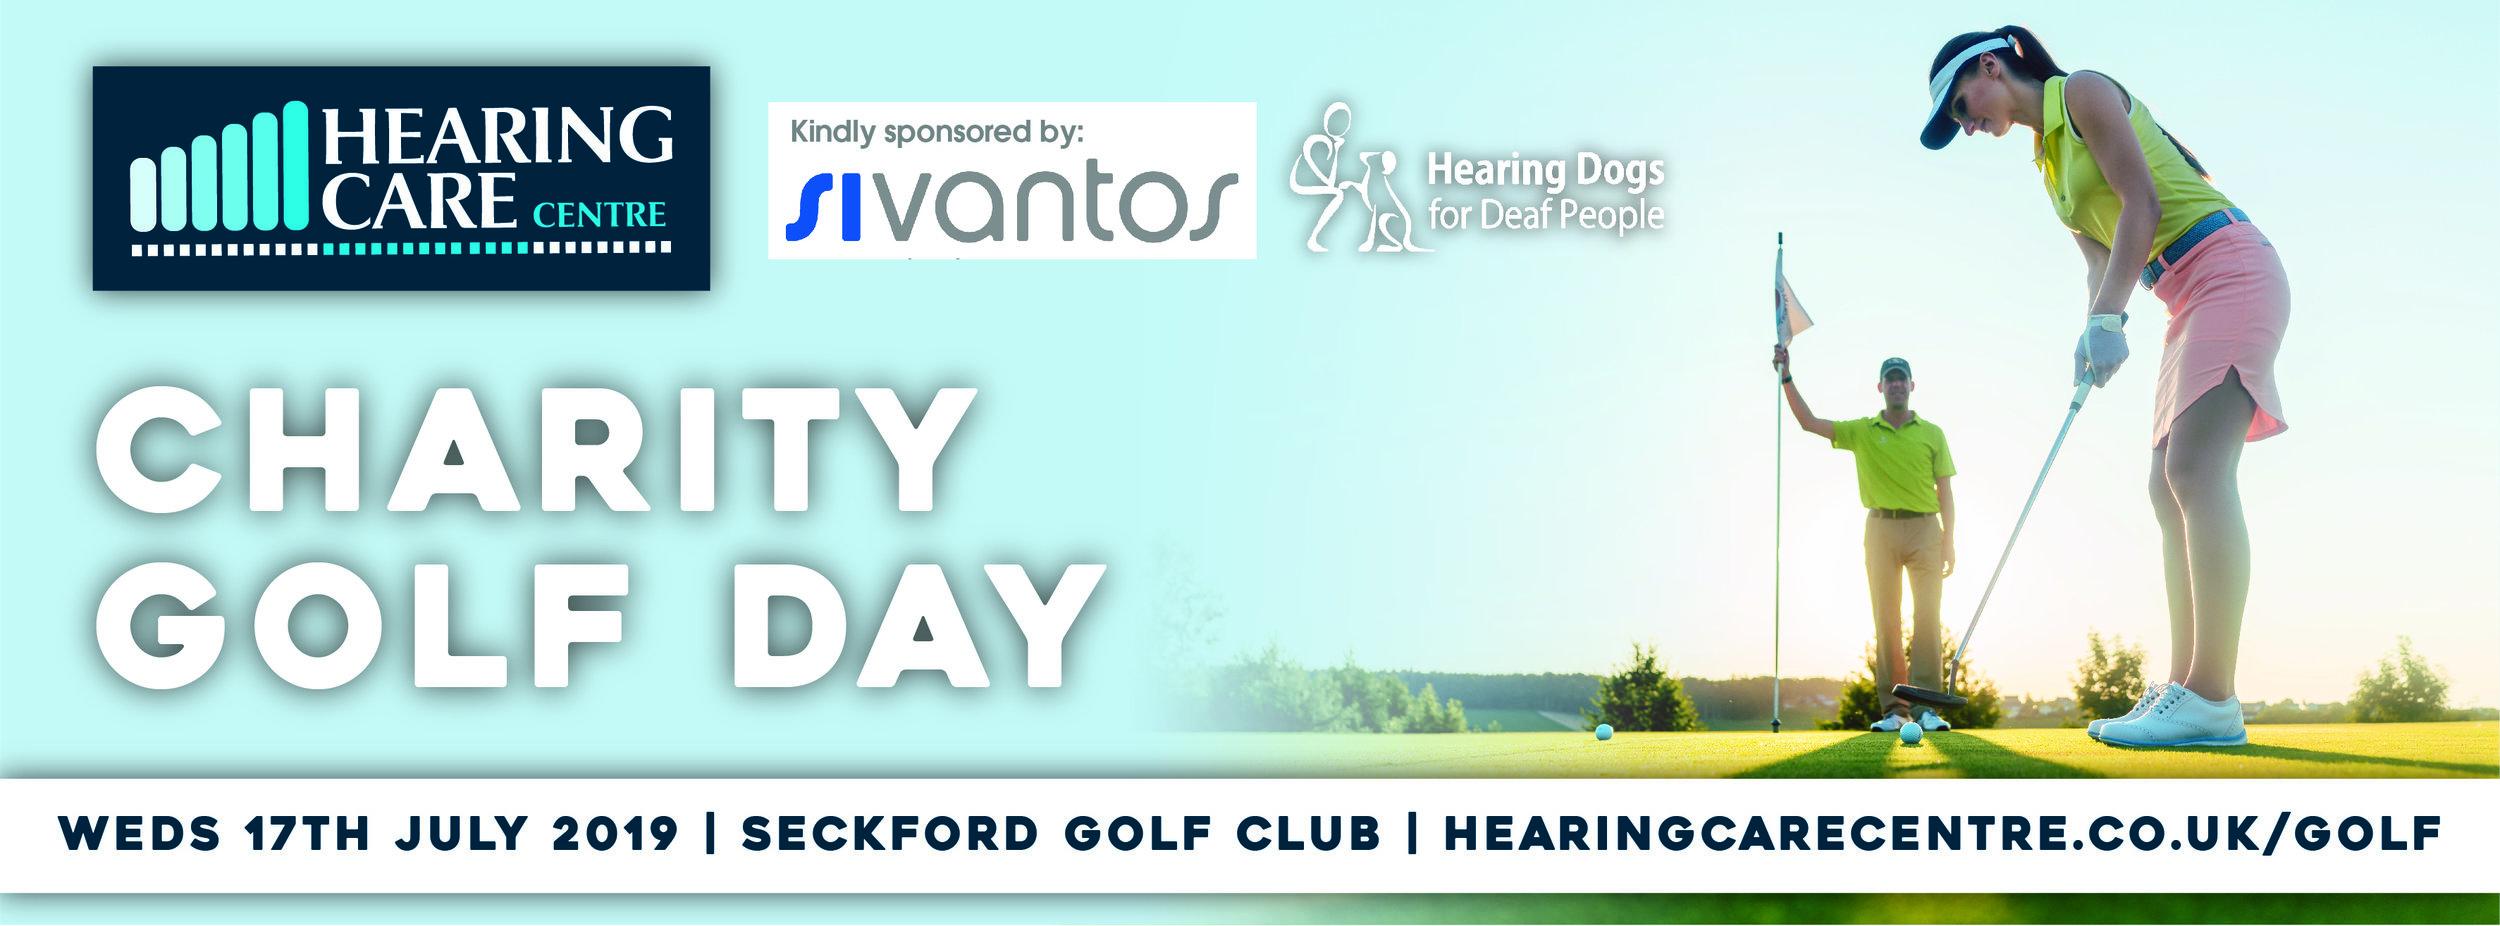 Golf Day Details.jpg